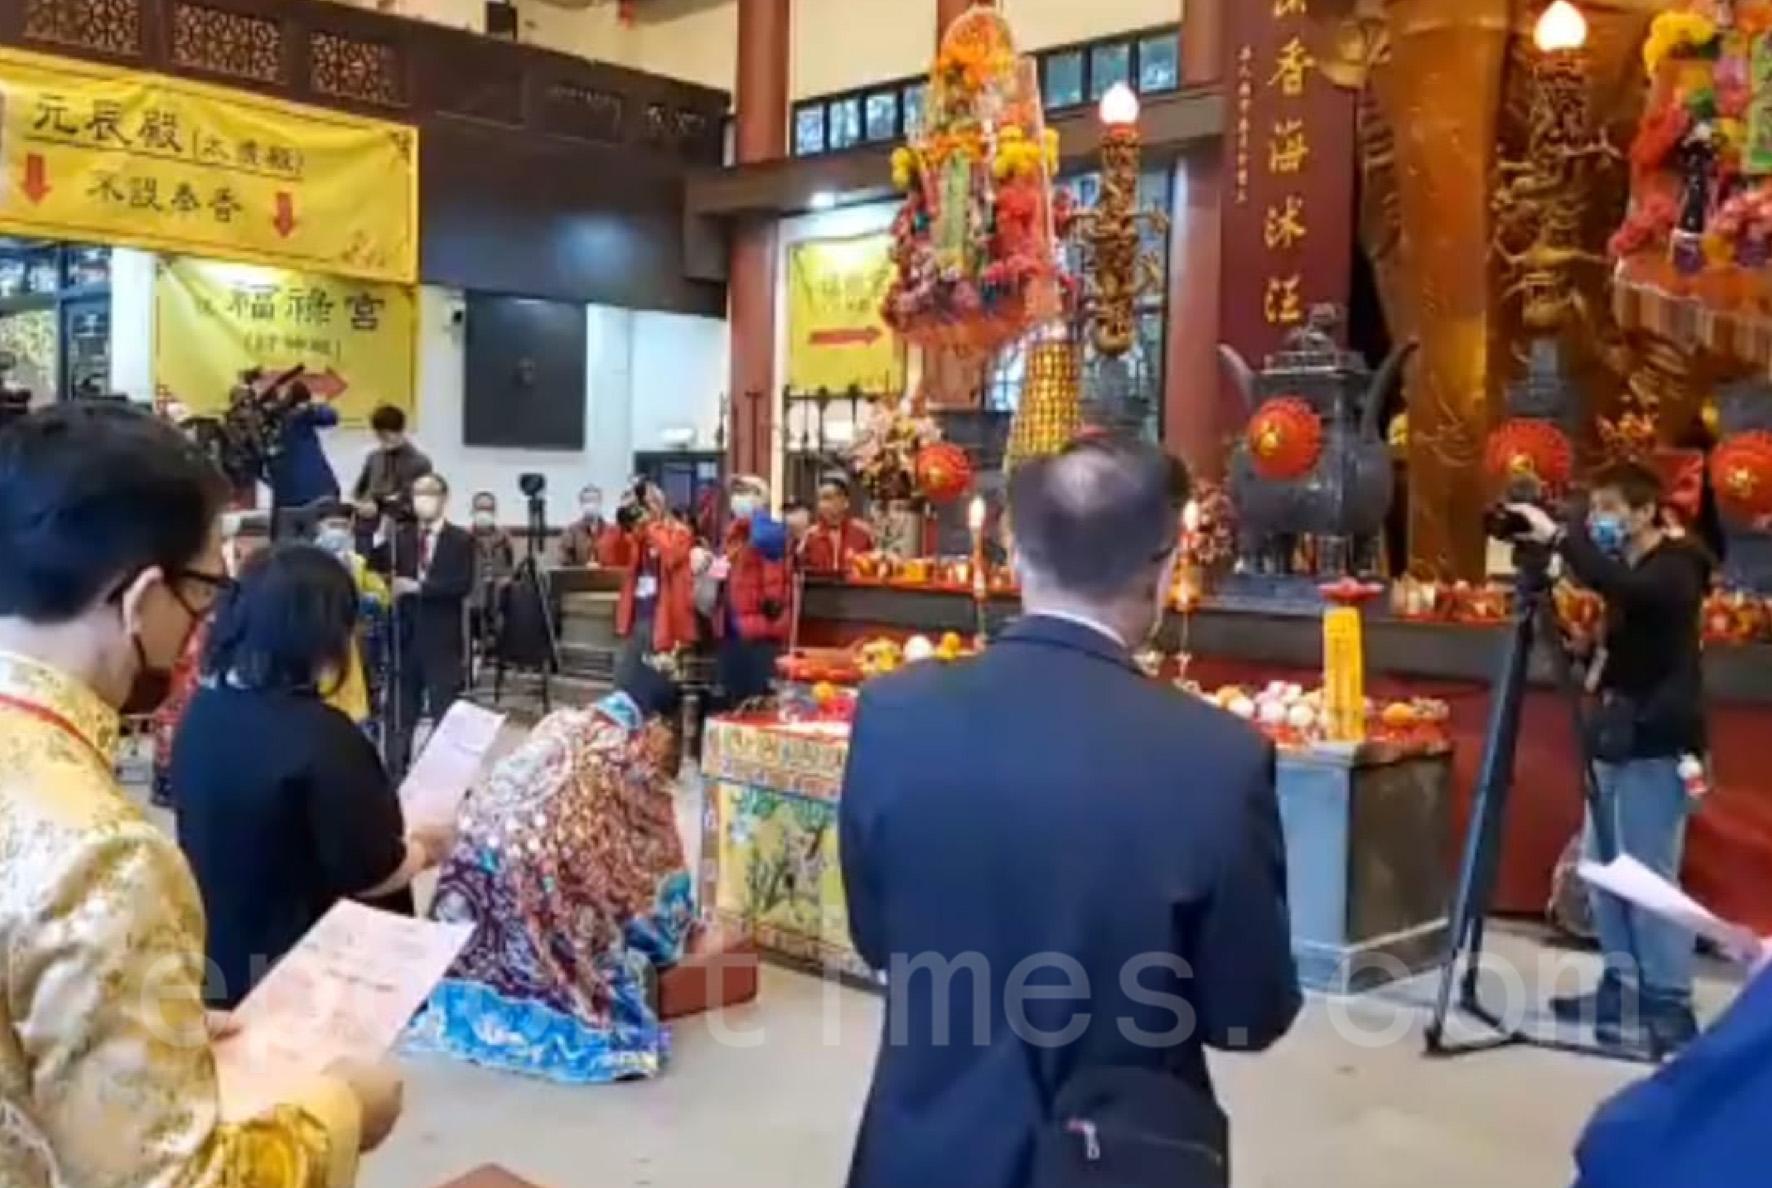 年初二車公誕,鄉議局主席劉業強按傳統到車公廟祈福和求籤。他為香港求得第45中籤。(Billy Chan/大紀元)